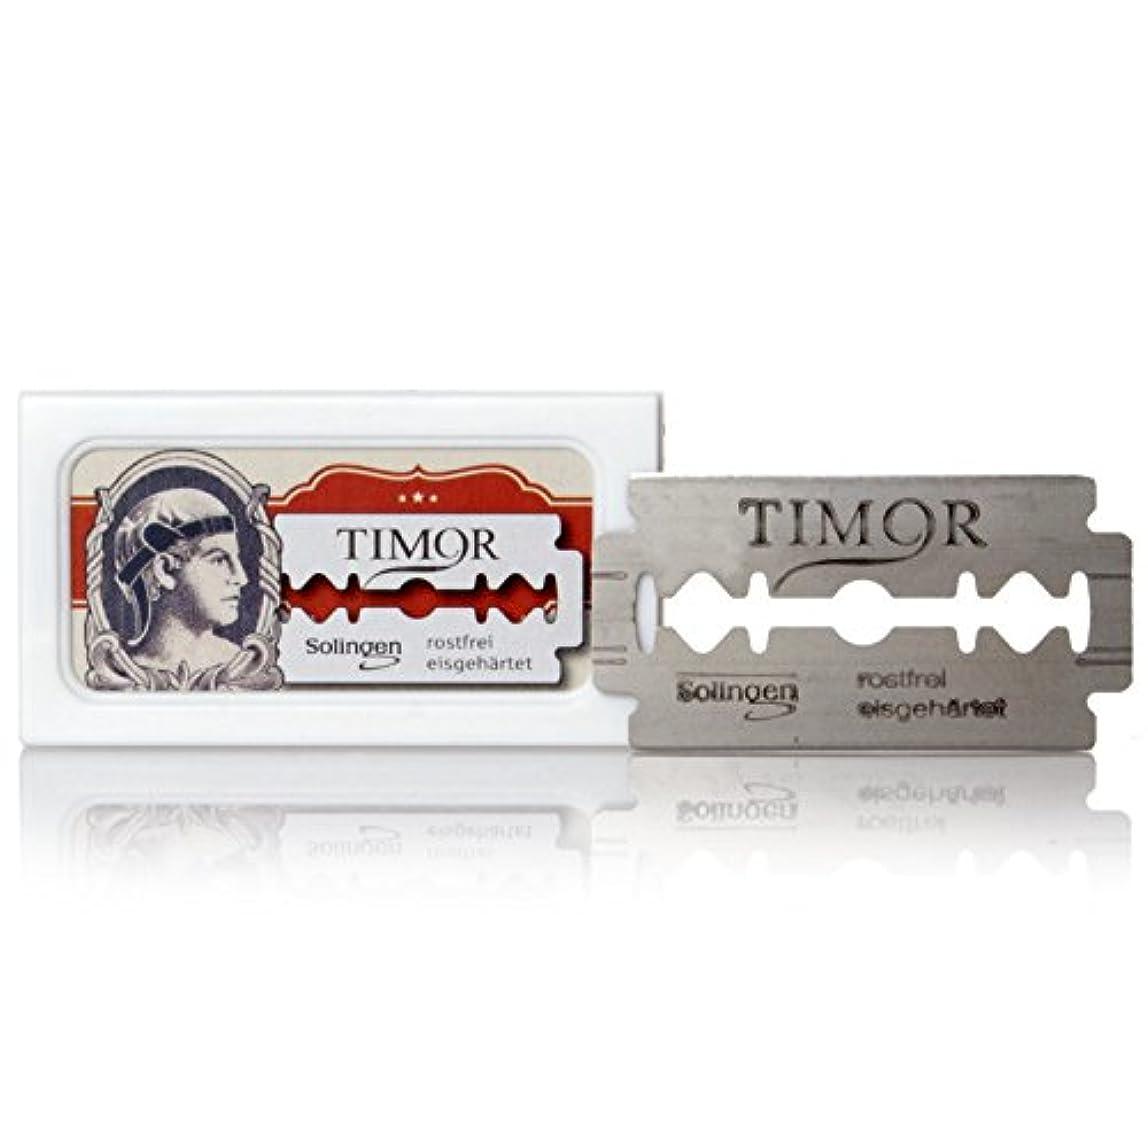 床を掃除するブロッサム不名誉Timor - razor blades, stainless, 10 pieces